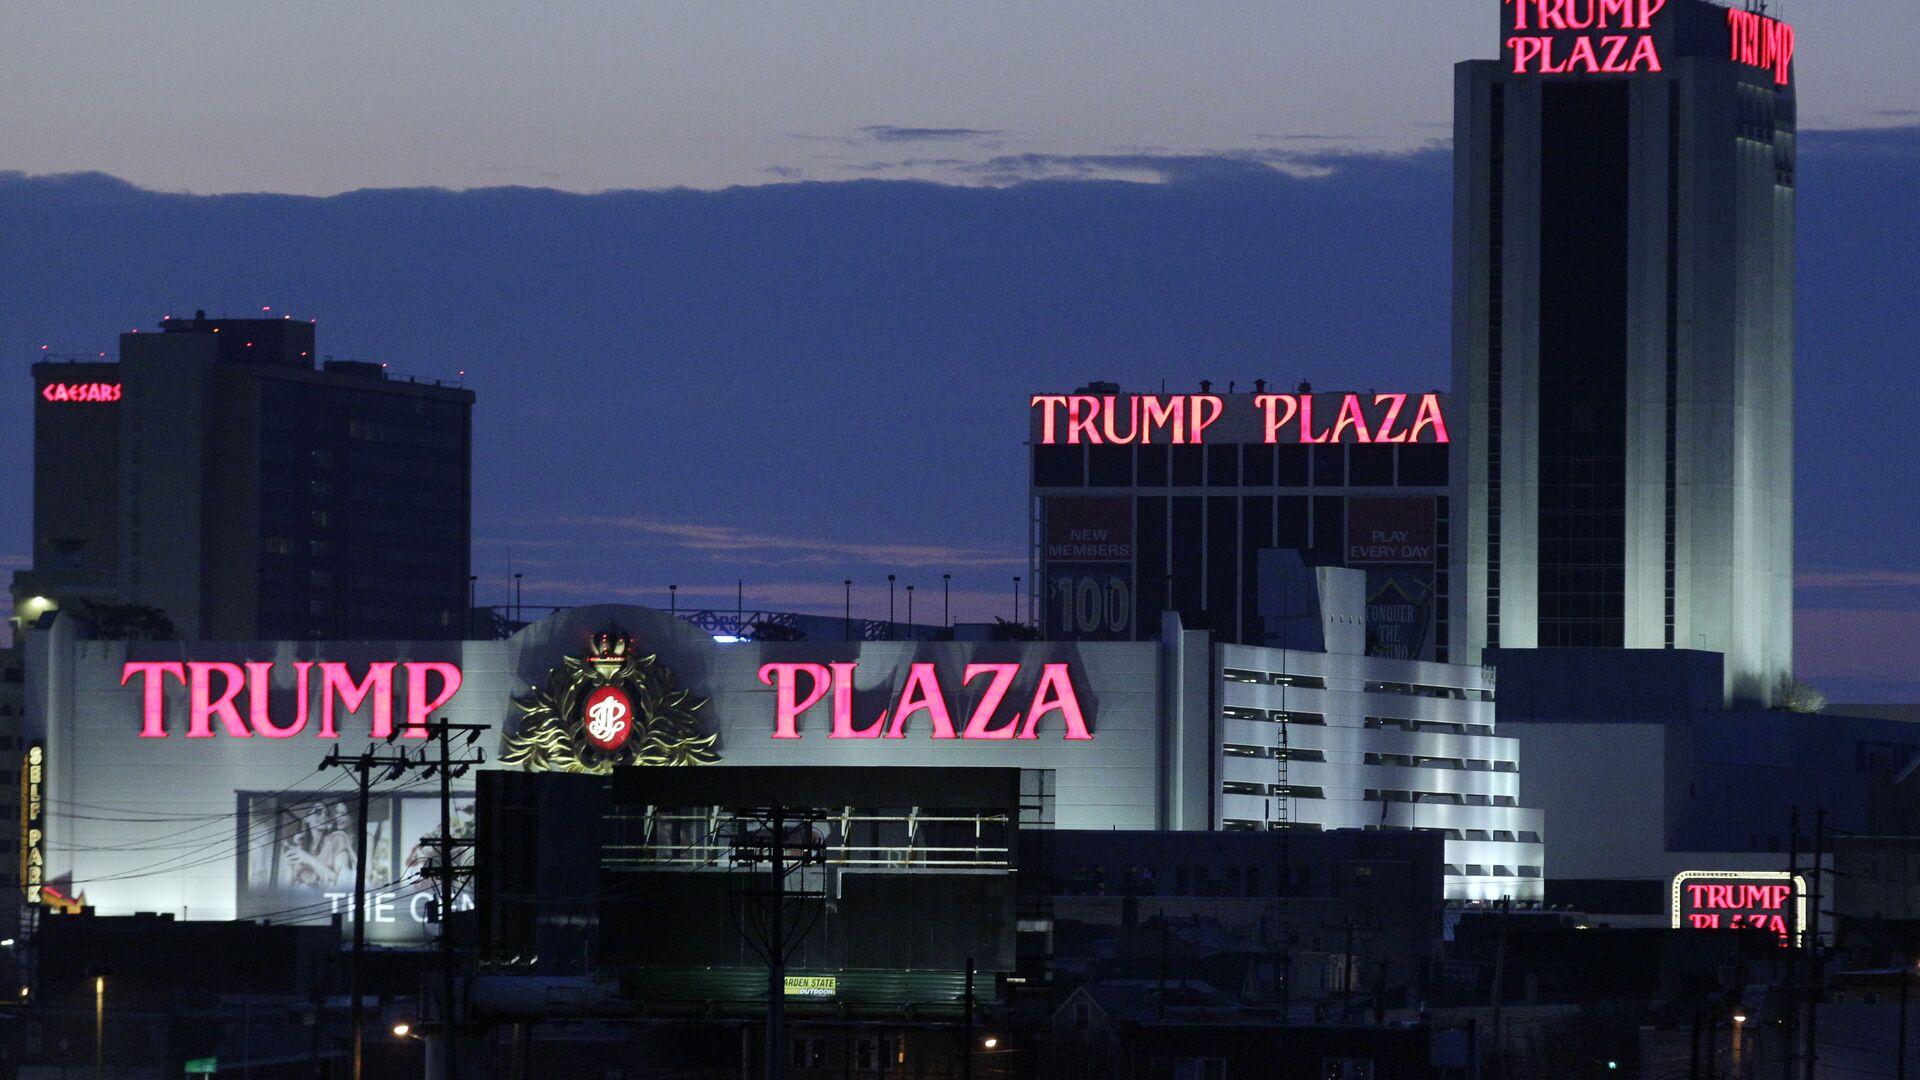 Отель и казино Trump Plaza в Атлантик-Сити - РИА Новости, 1920, 20.02.2021